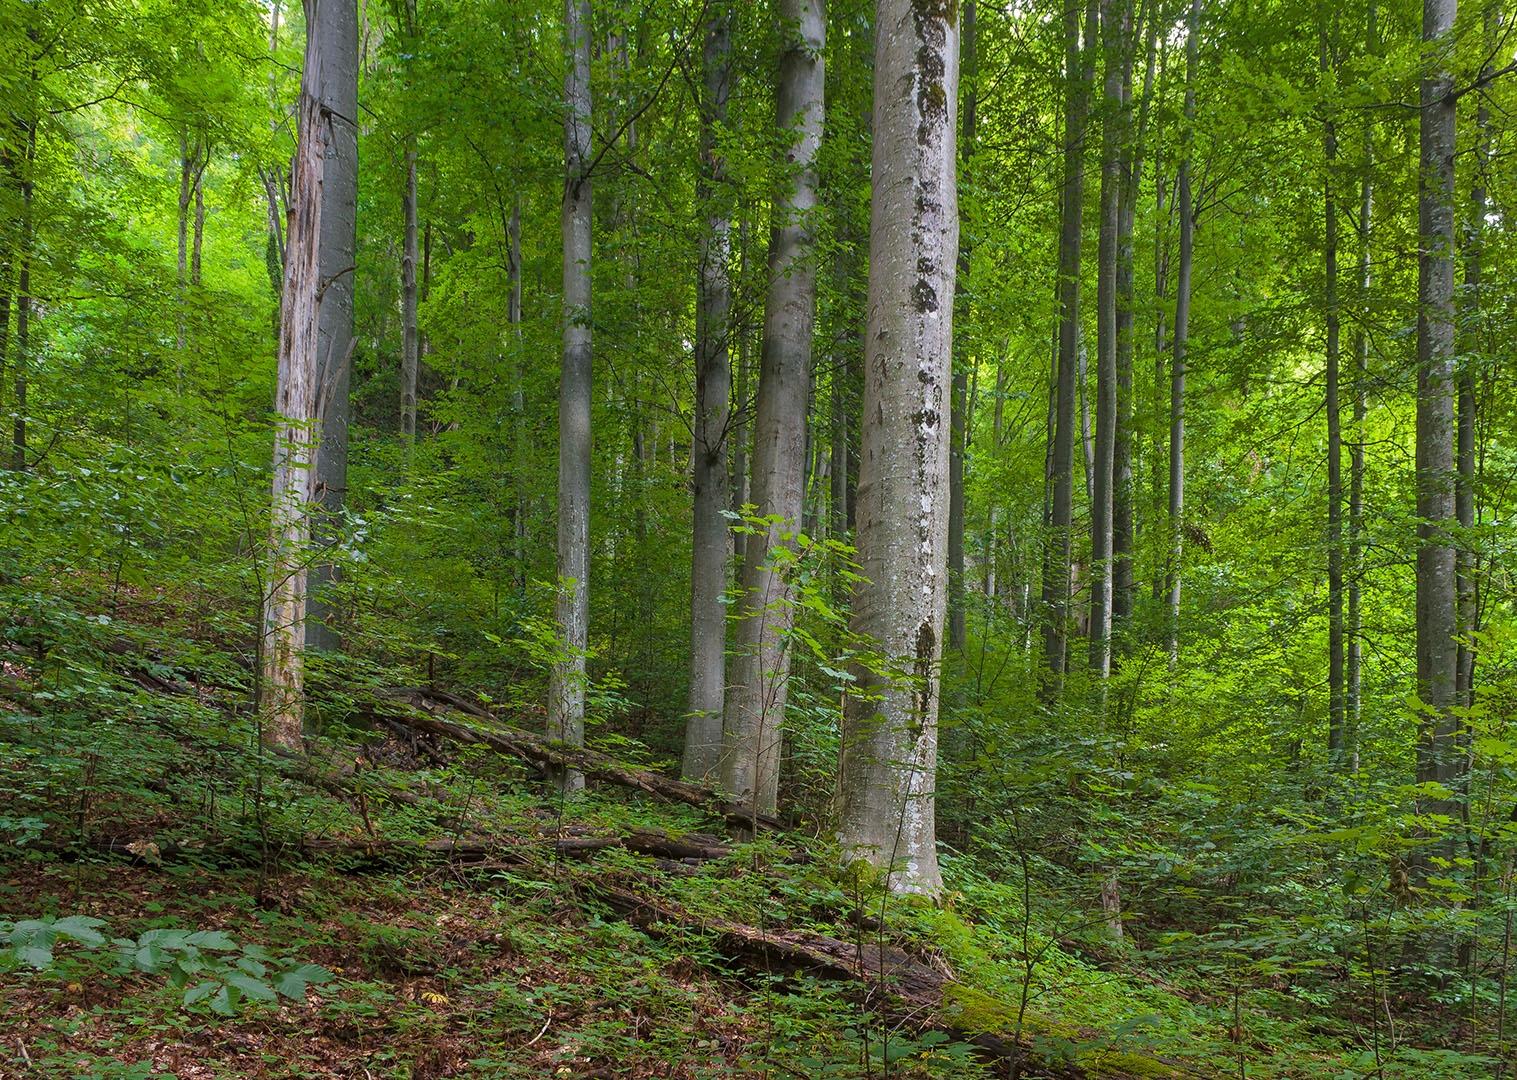 Buchenurwald in der Nähe der Milchsteinhöhle, im Vordergrund ein junger Bergahorn